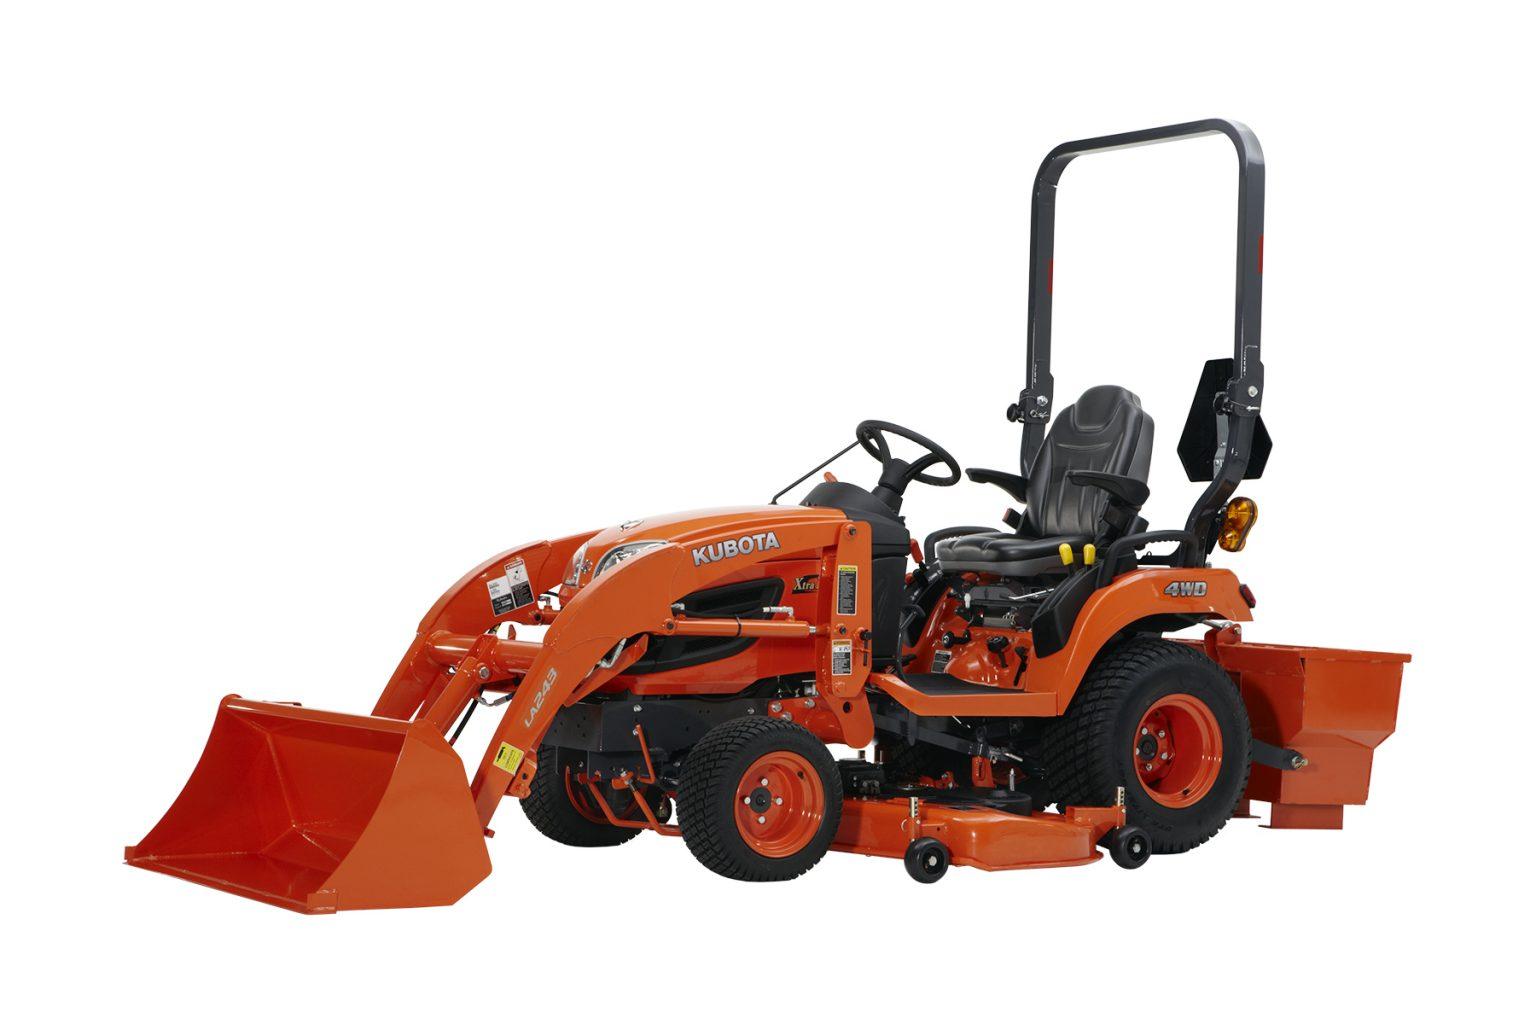 Kubota BX2670 Compact Tractor Price